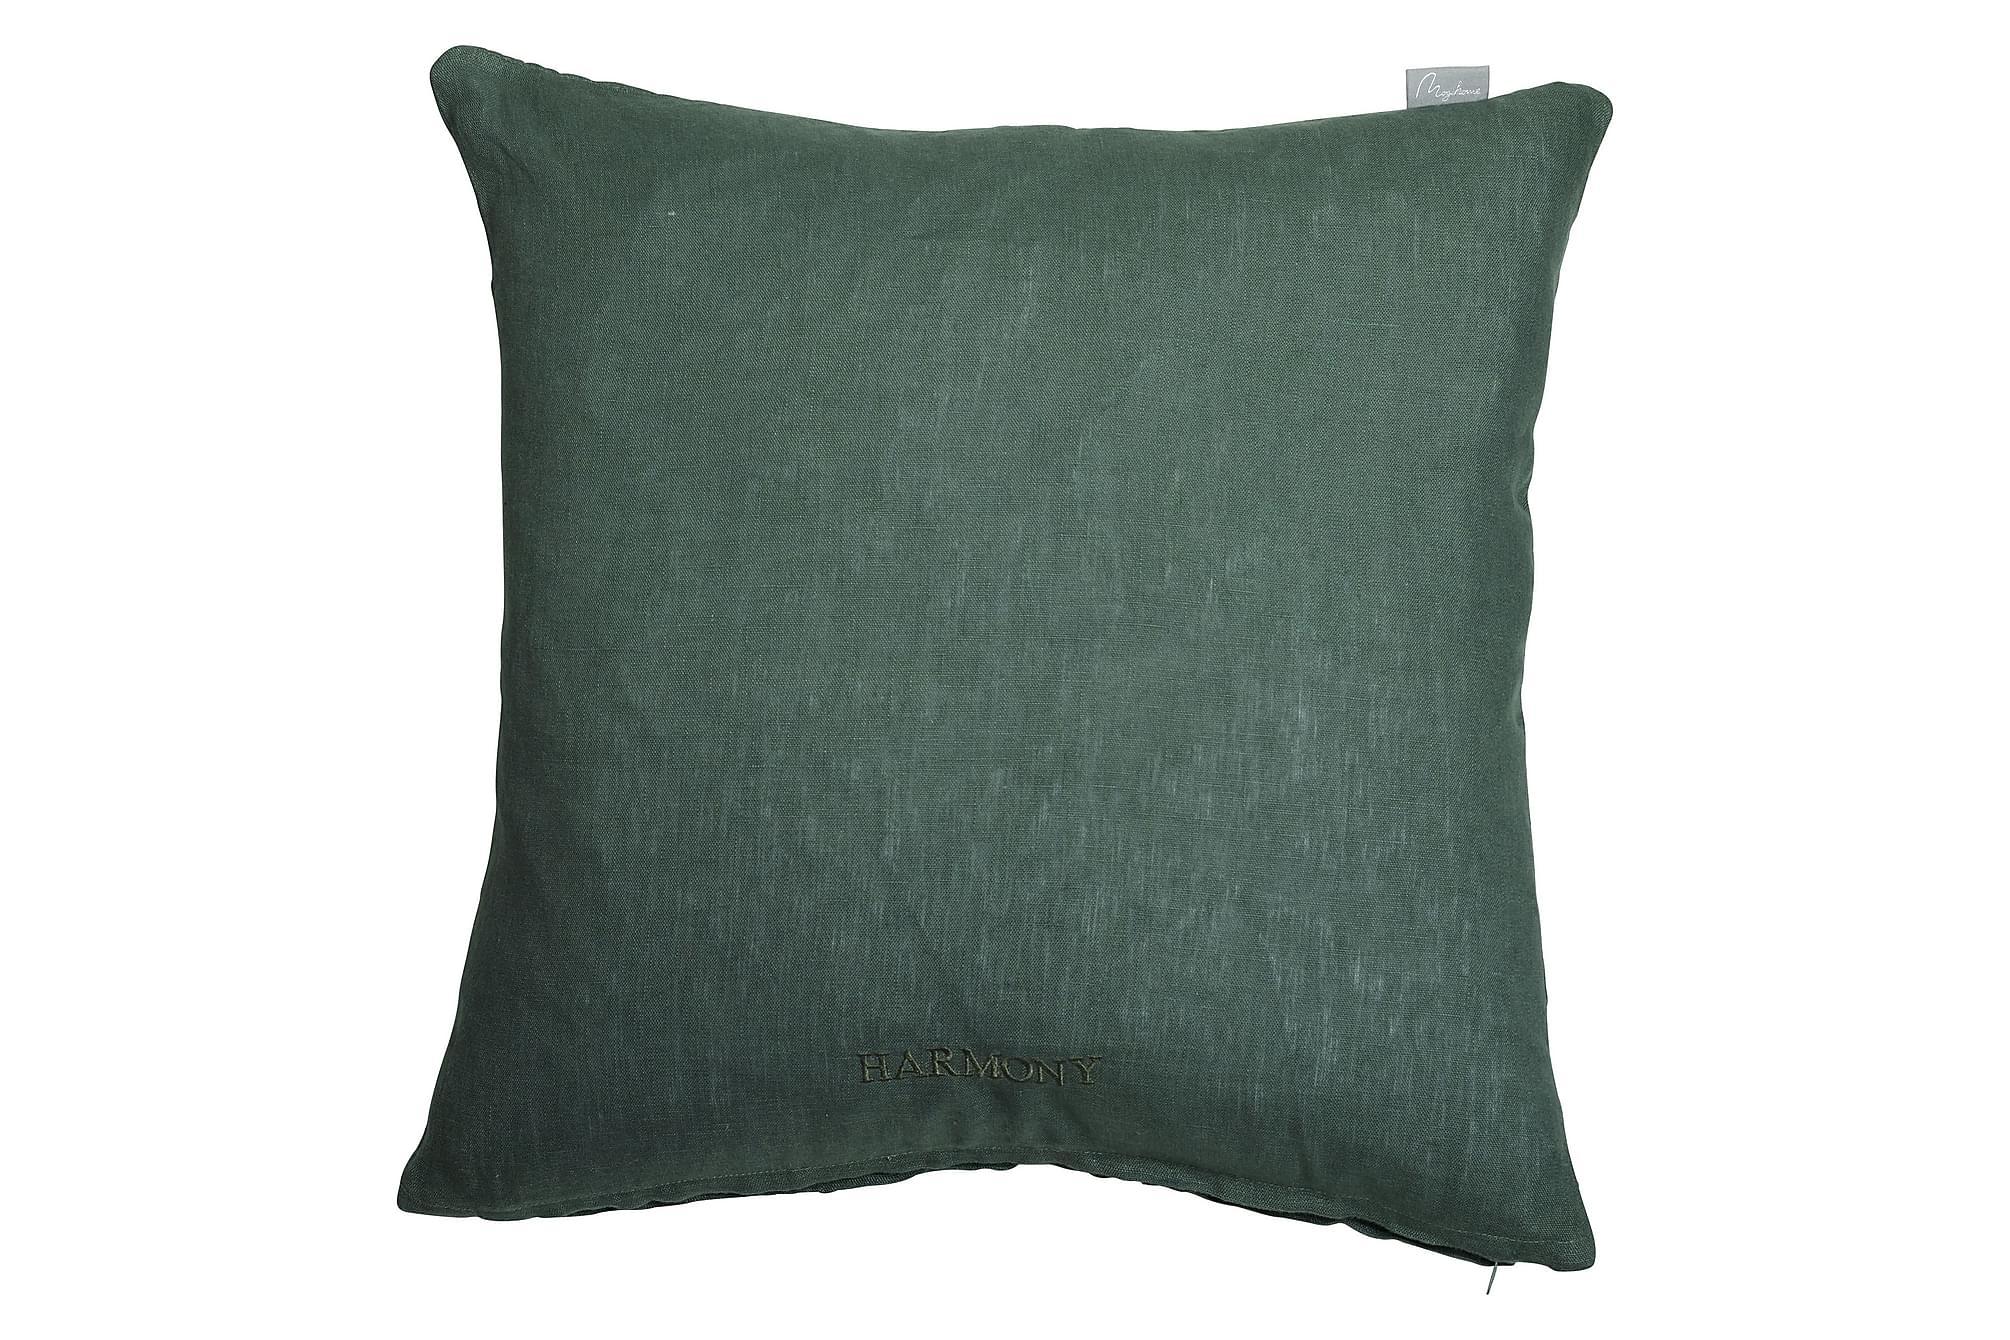 ALDACO Linnekuddfodral 45x45 Grön, Prydnadskuddar & filtar